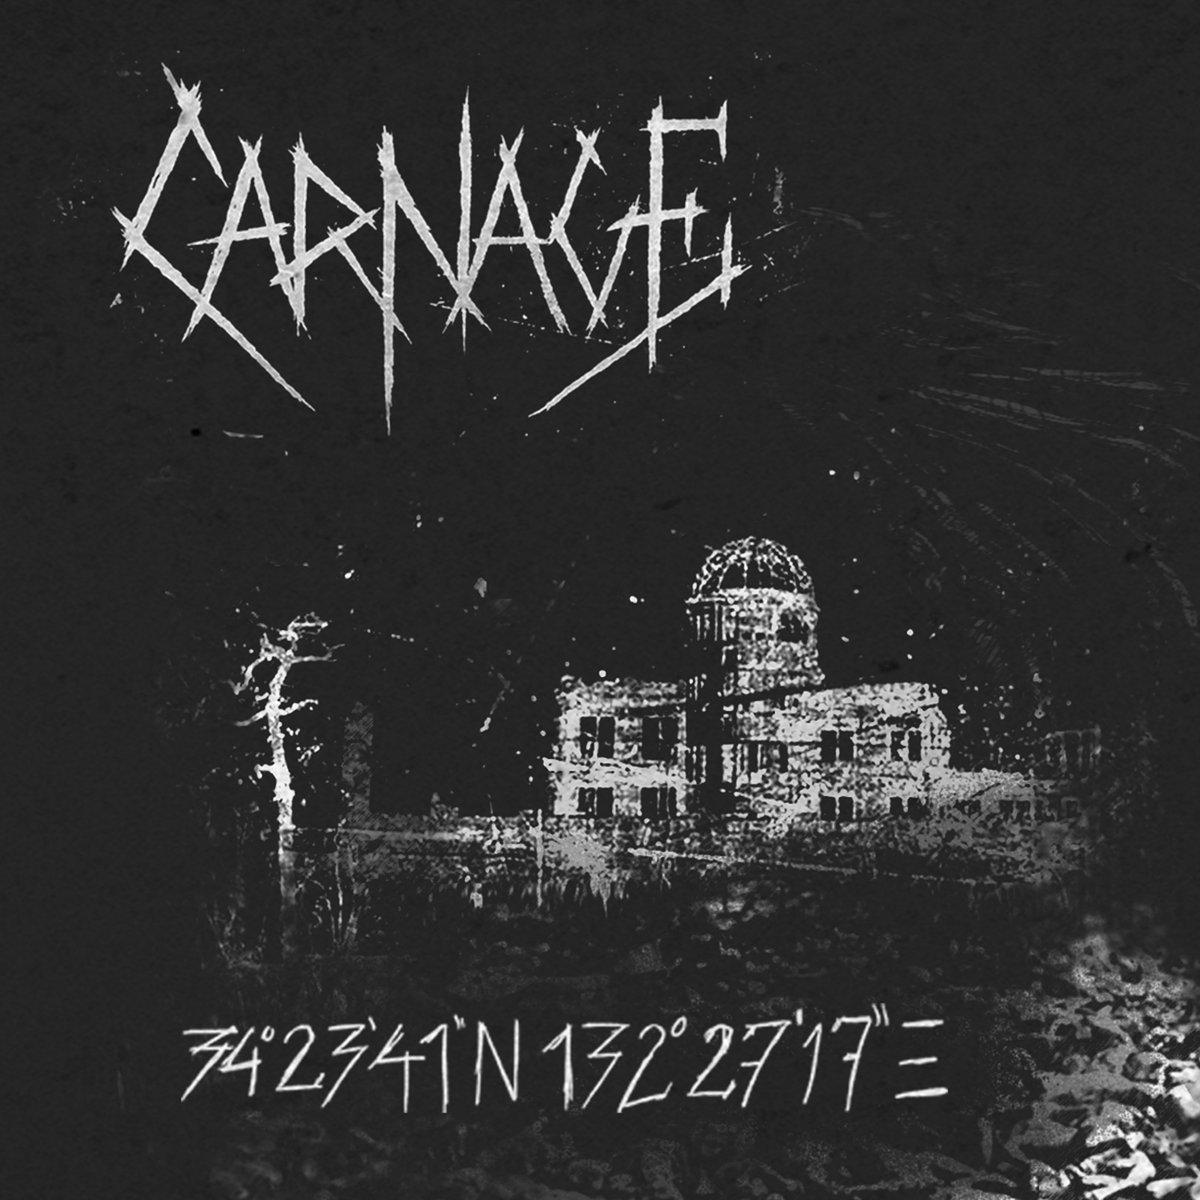 Carnage – 34º23″41'N 132º27″17'E (2017)